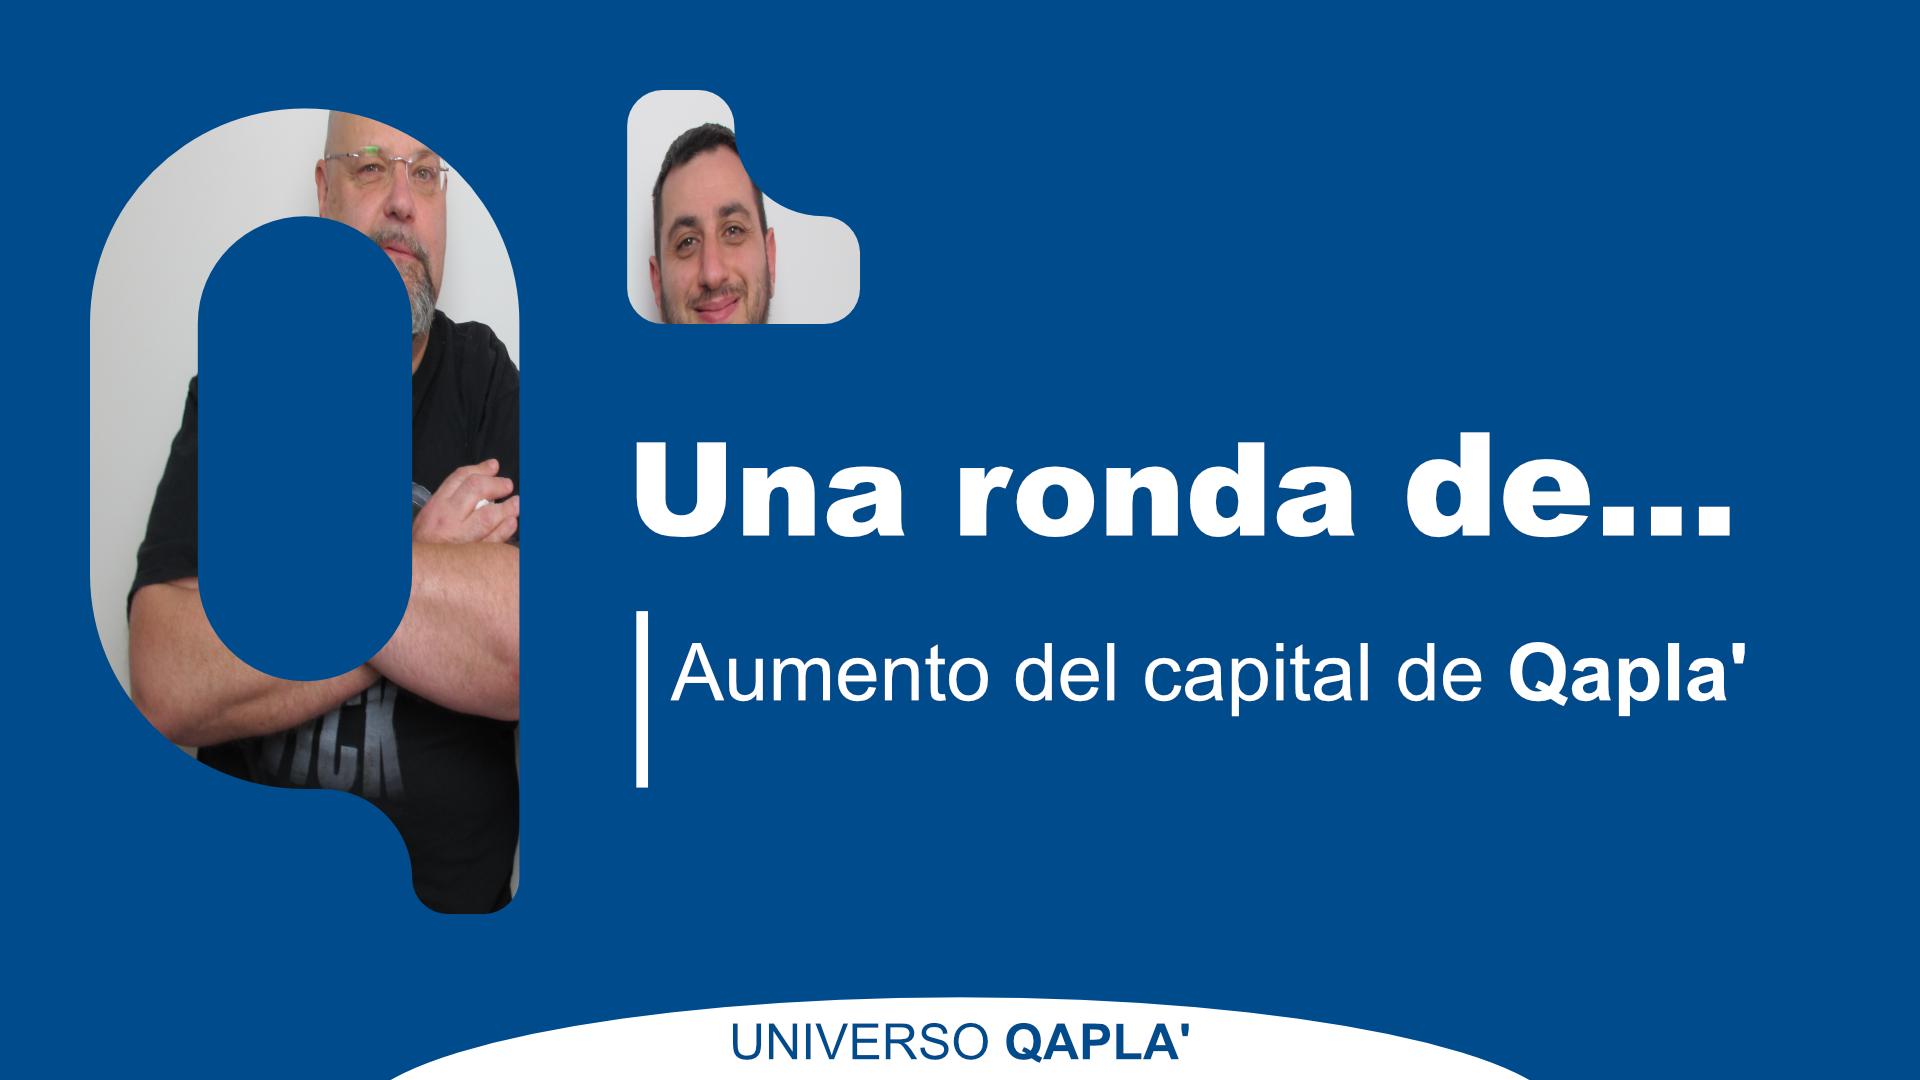 Aumento del capital Qapla':  la expansión hacia nuevos mundos y servicios más accesibles